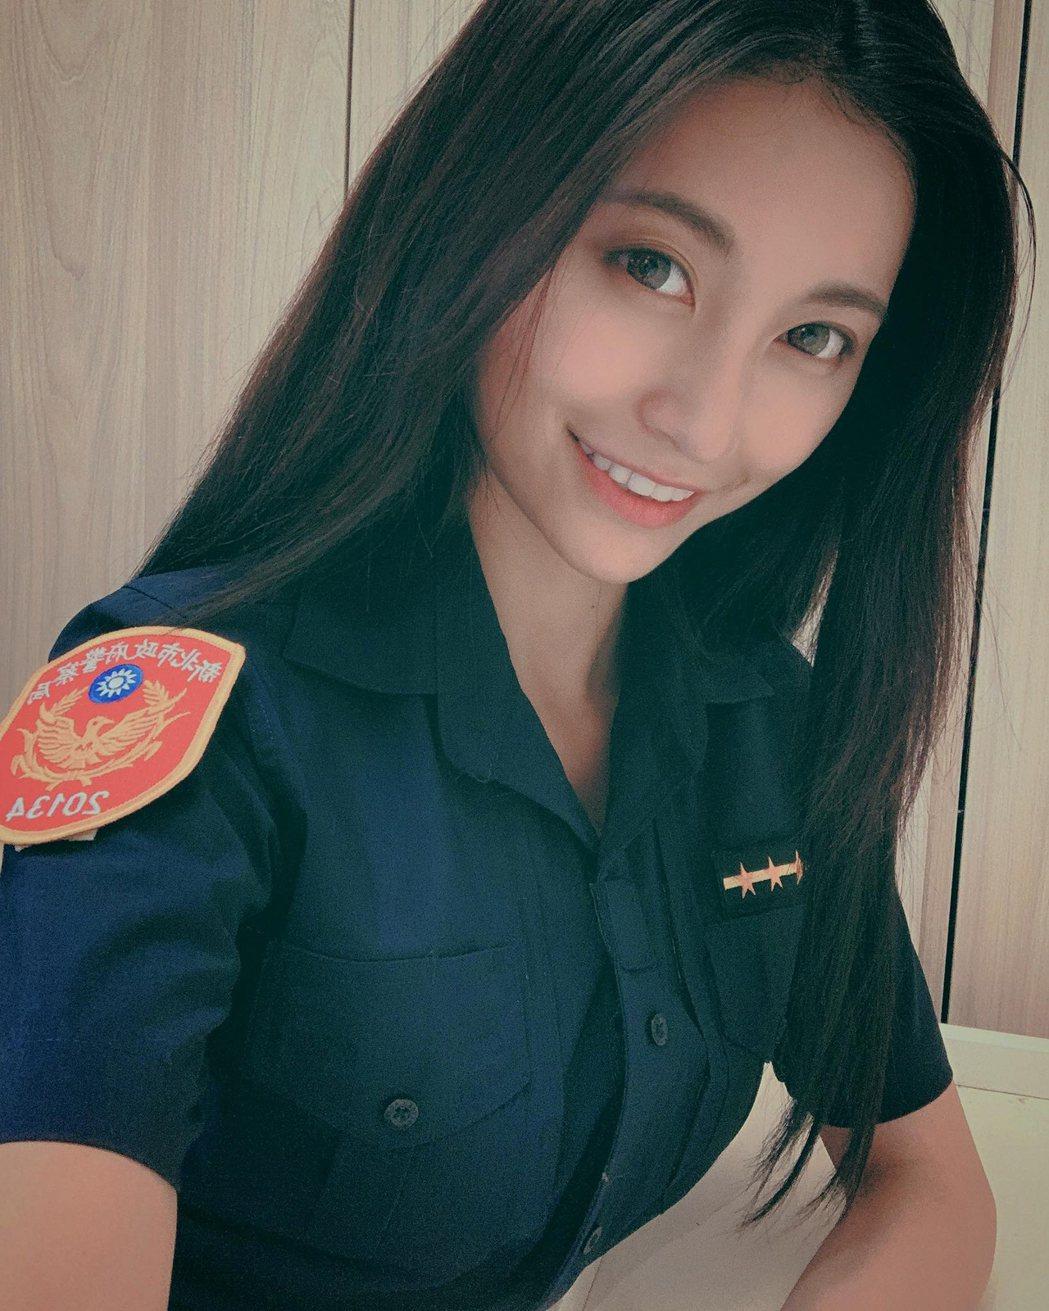 祈錦鈅受邀拍攝新北市政府警察局反毒宣導照片,被封「最美女警」。圖/固力狗娛樂提供